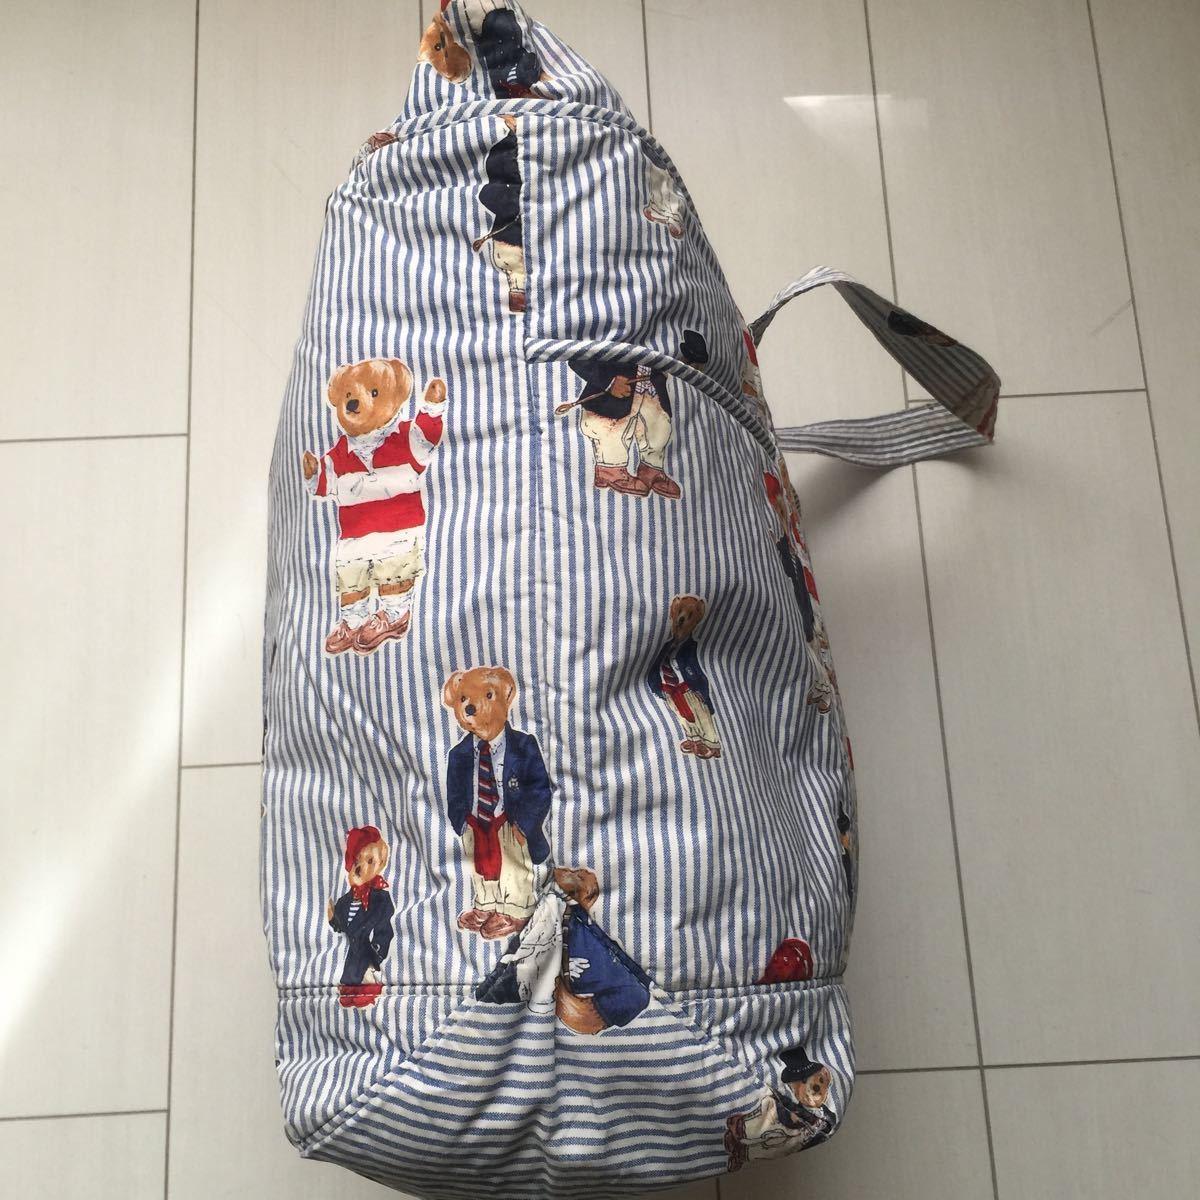 送料無料 90s Ralph laulen ラルフローレン POLO BEAR ポロベア ポロベアー クマ 熊 総柄 大容量 マザーズ トート バッグ bag 鞄 vintage_画像4